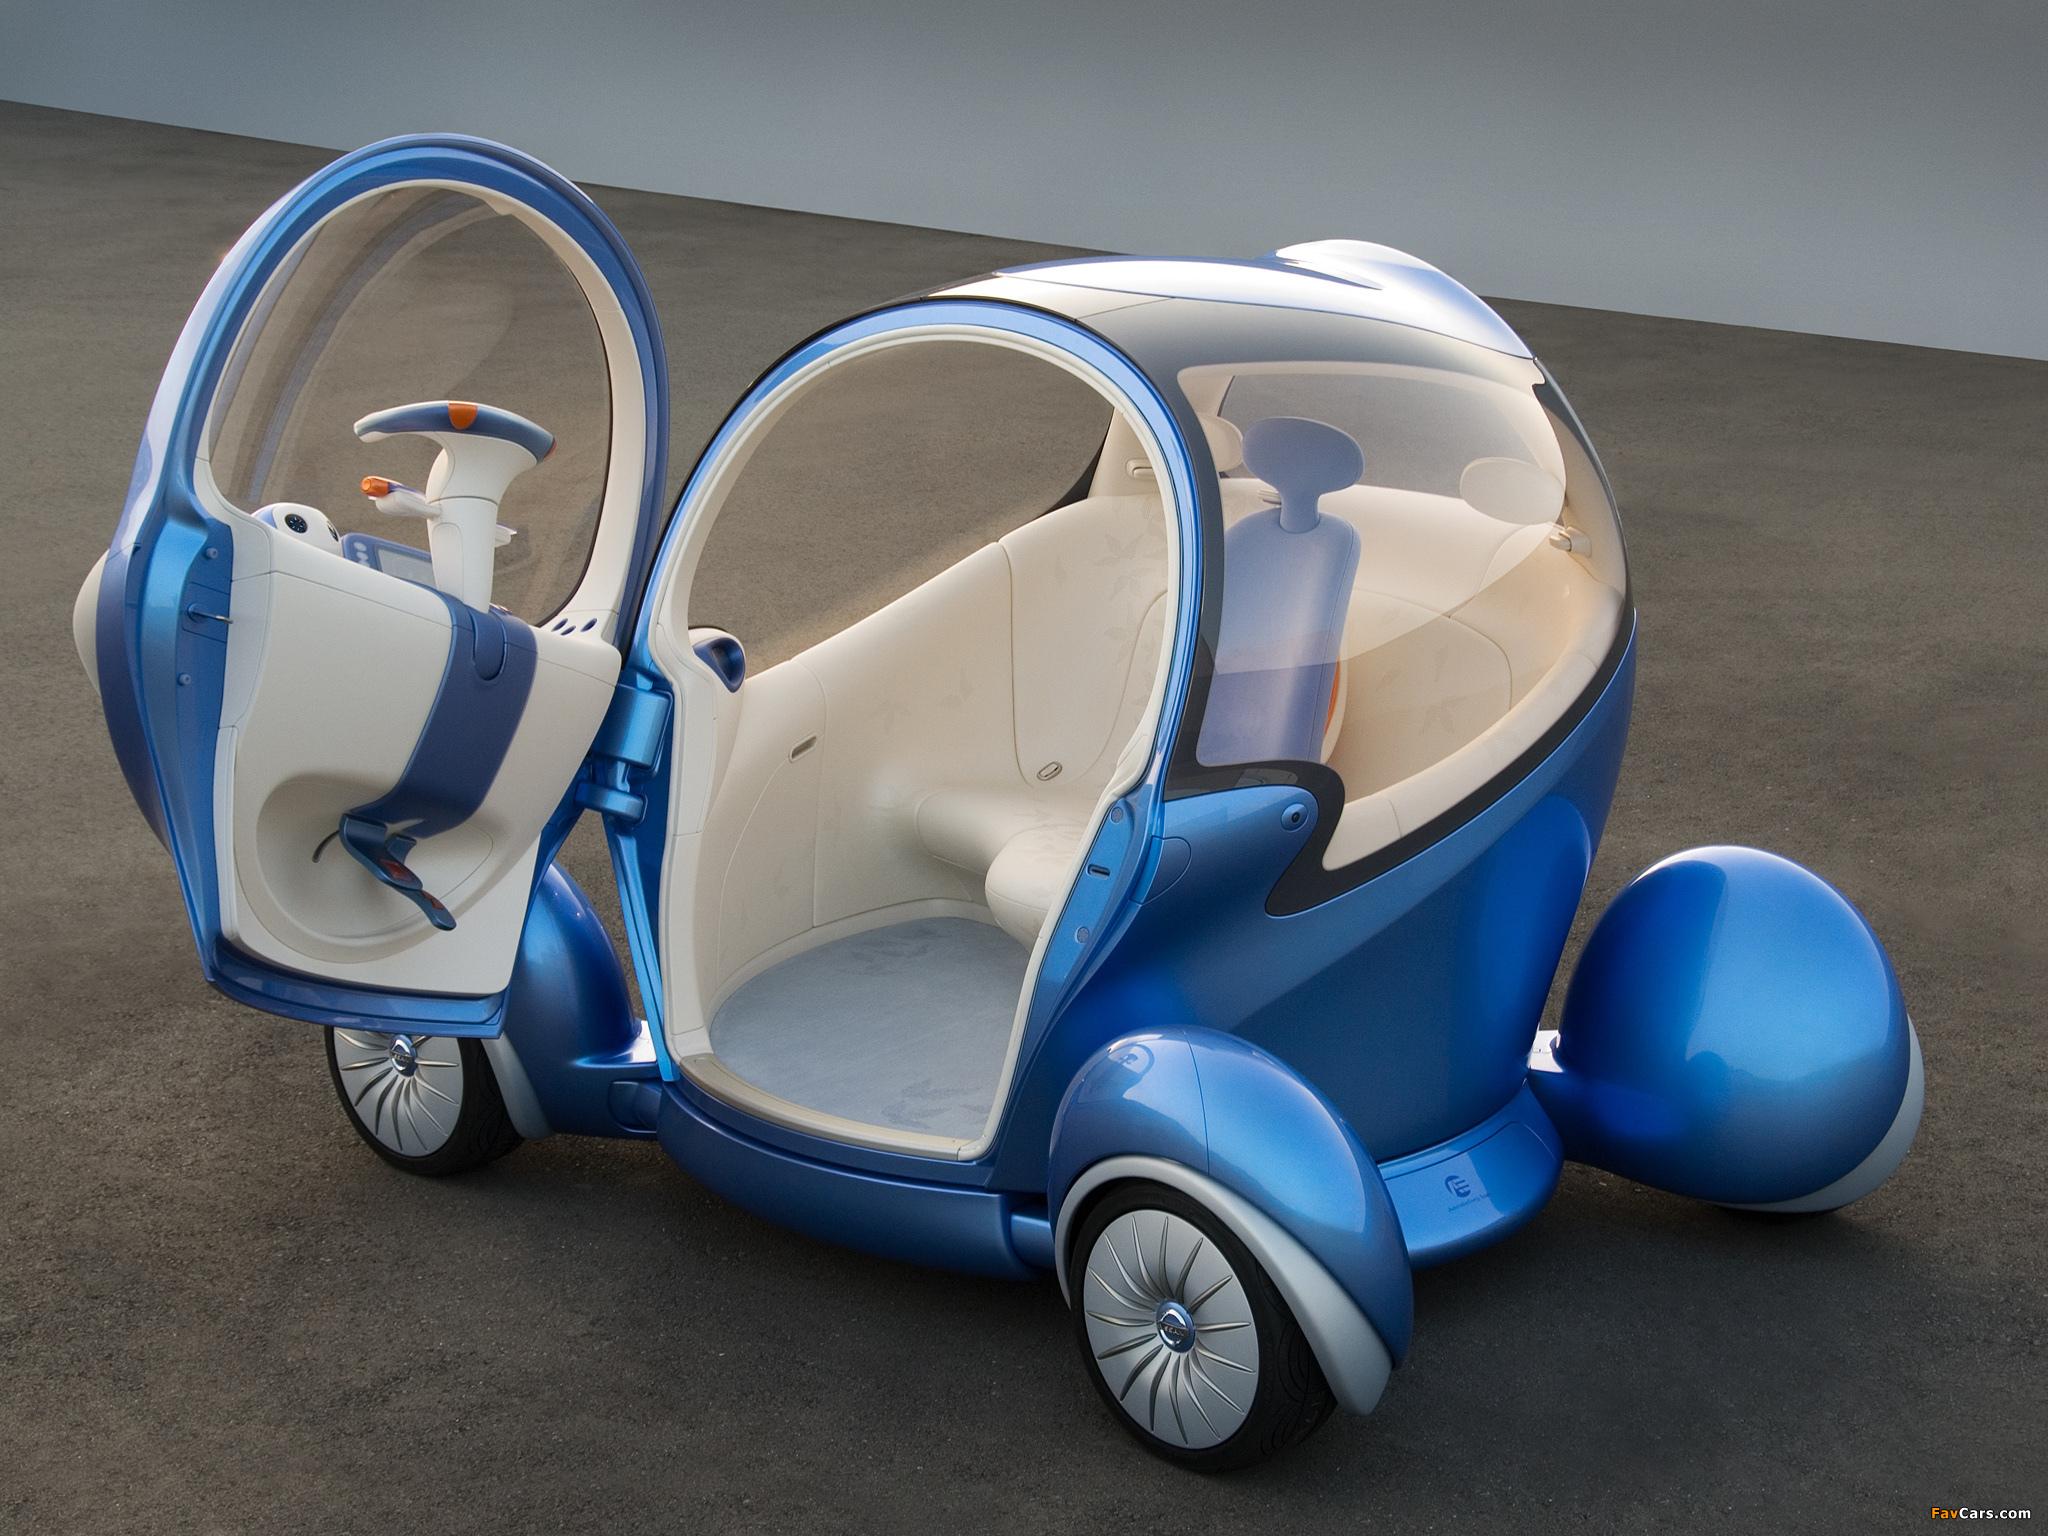 Nissan Pivo 2 Concept 2007 images (2048 x 1536)